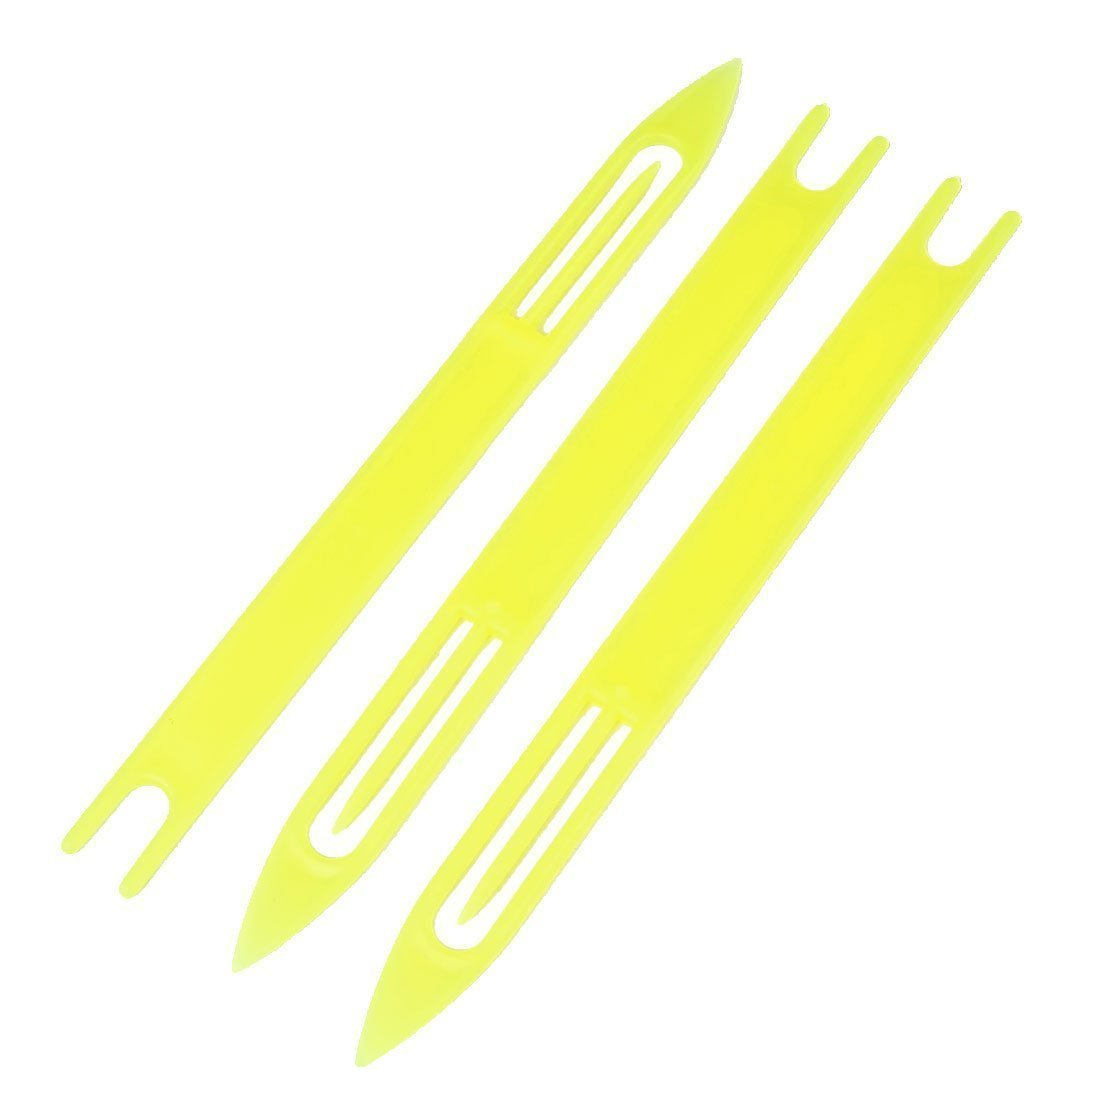 R 3 pcs en plastique jaune Aiguille de reparation de Net de peche 8 # SODIAL Aiguille de reparation de Net